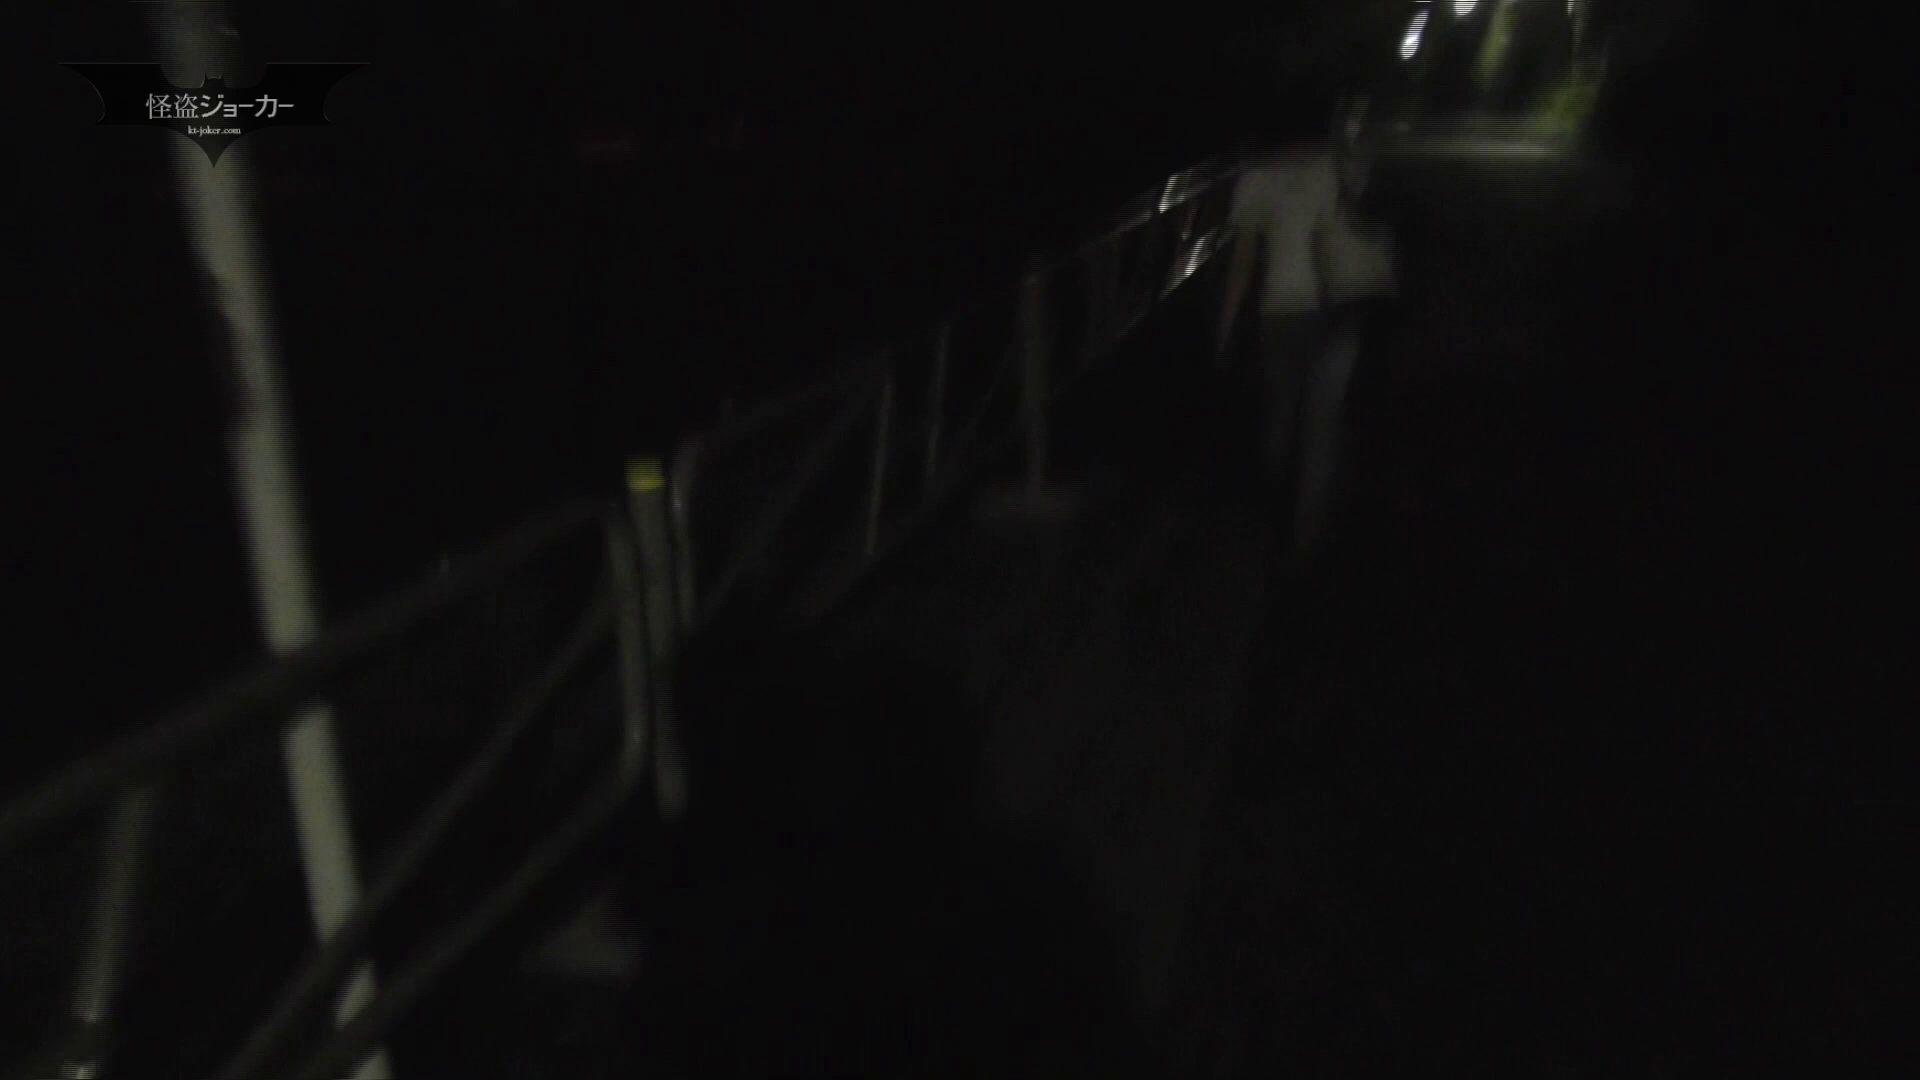 ヒトニアラヅNo.10 雪の様な白い肌 盗撮 隠し撮りオマンコ動画紹介 105PIX 3